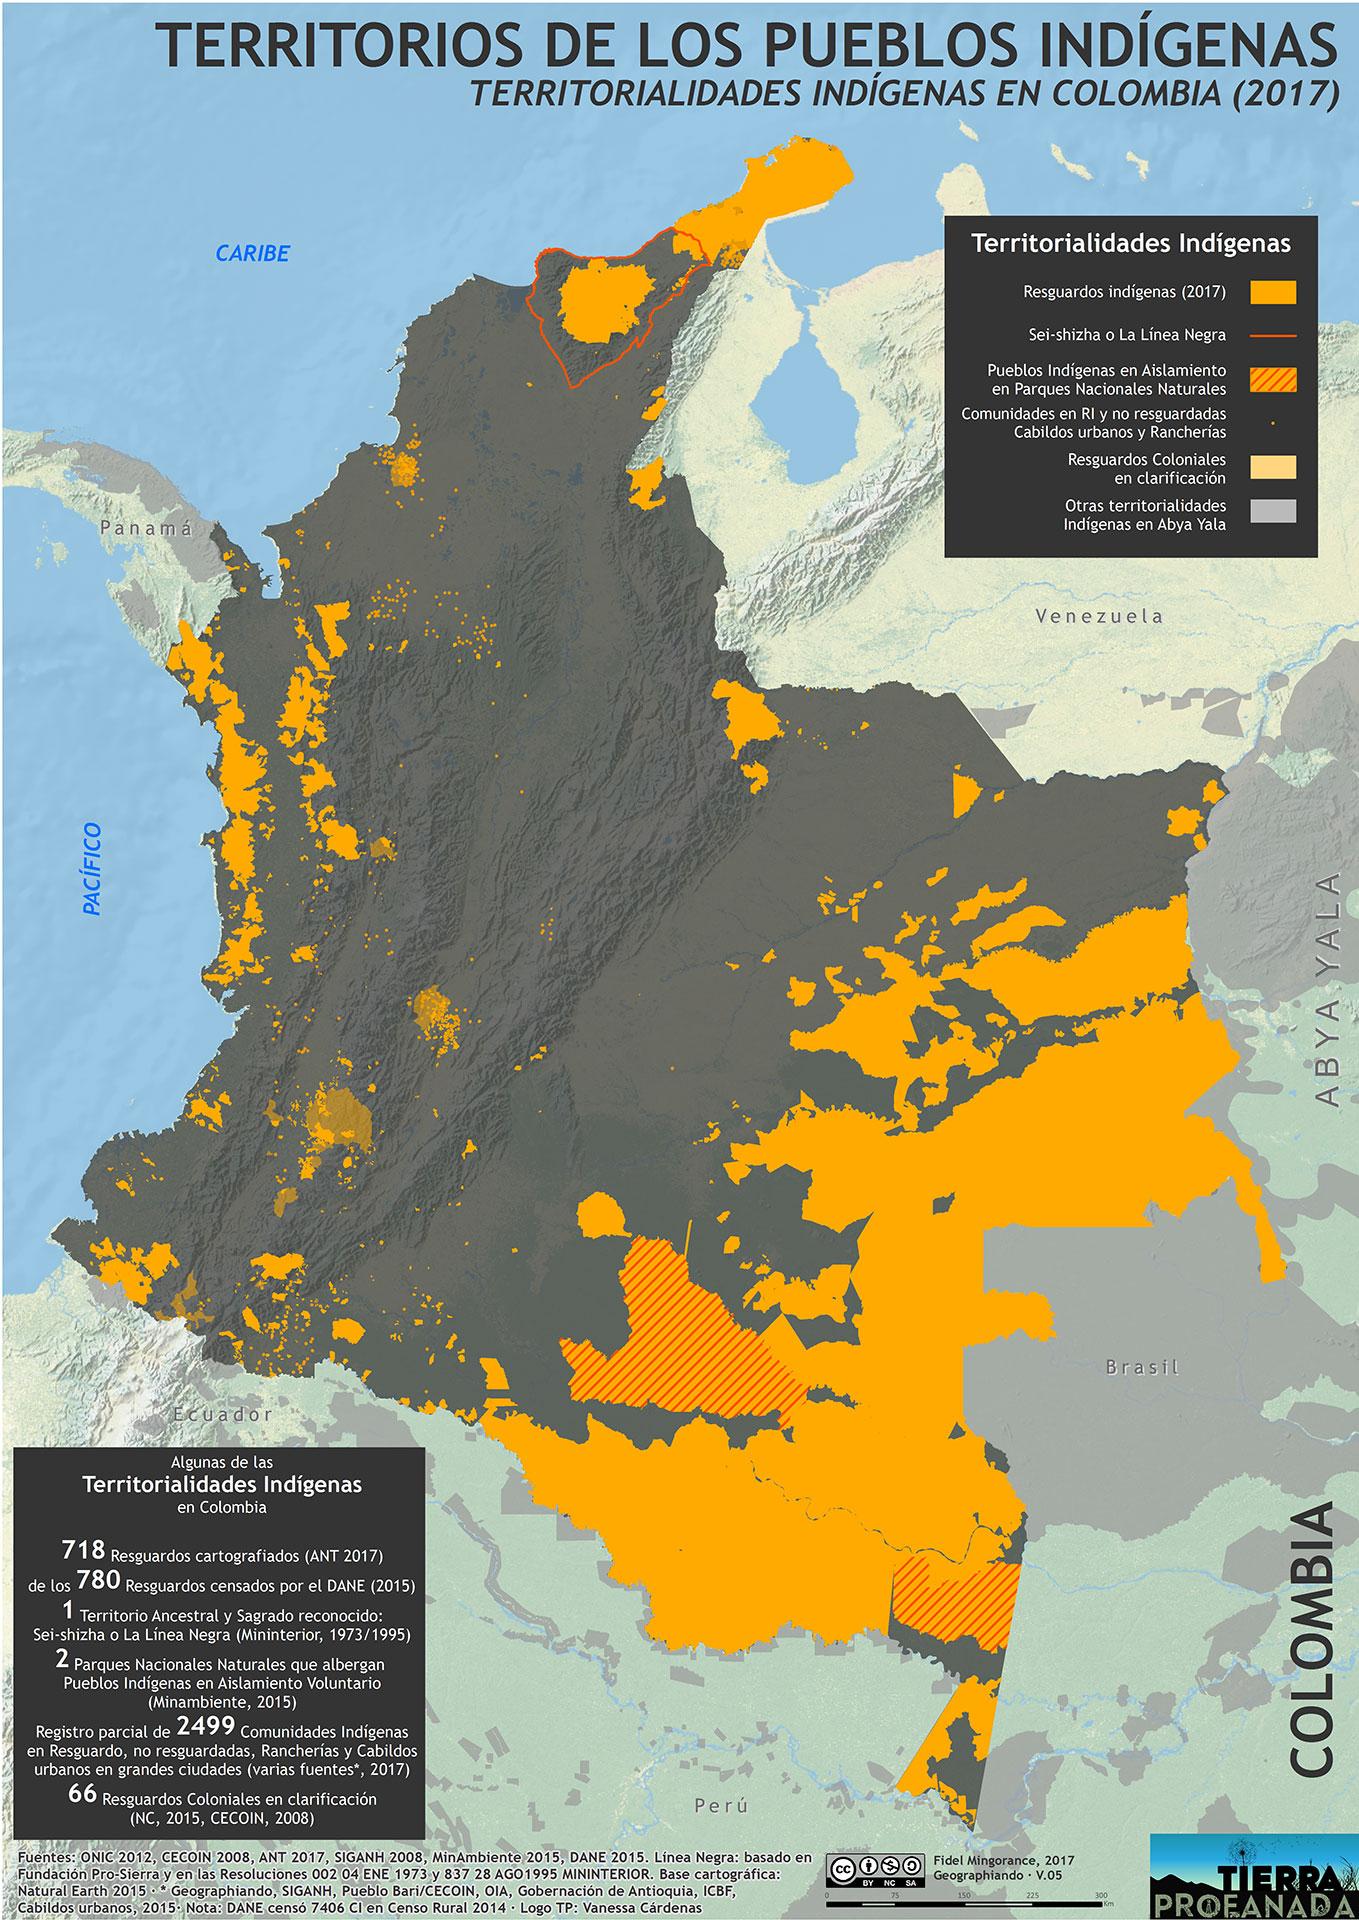 Territorios indigenas colombia 2017